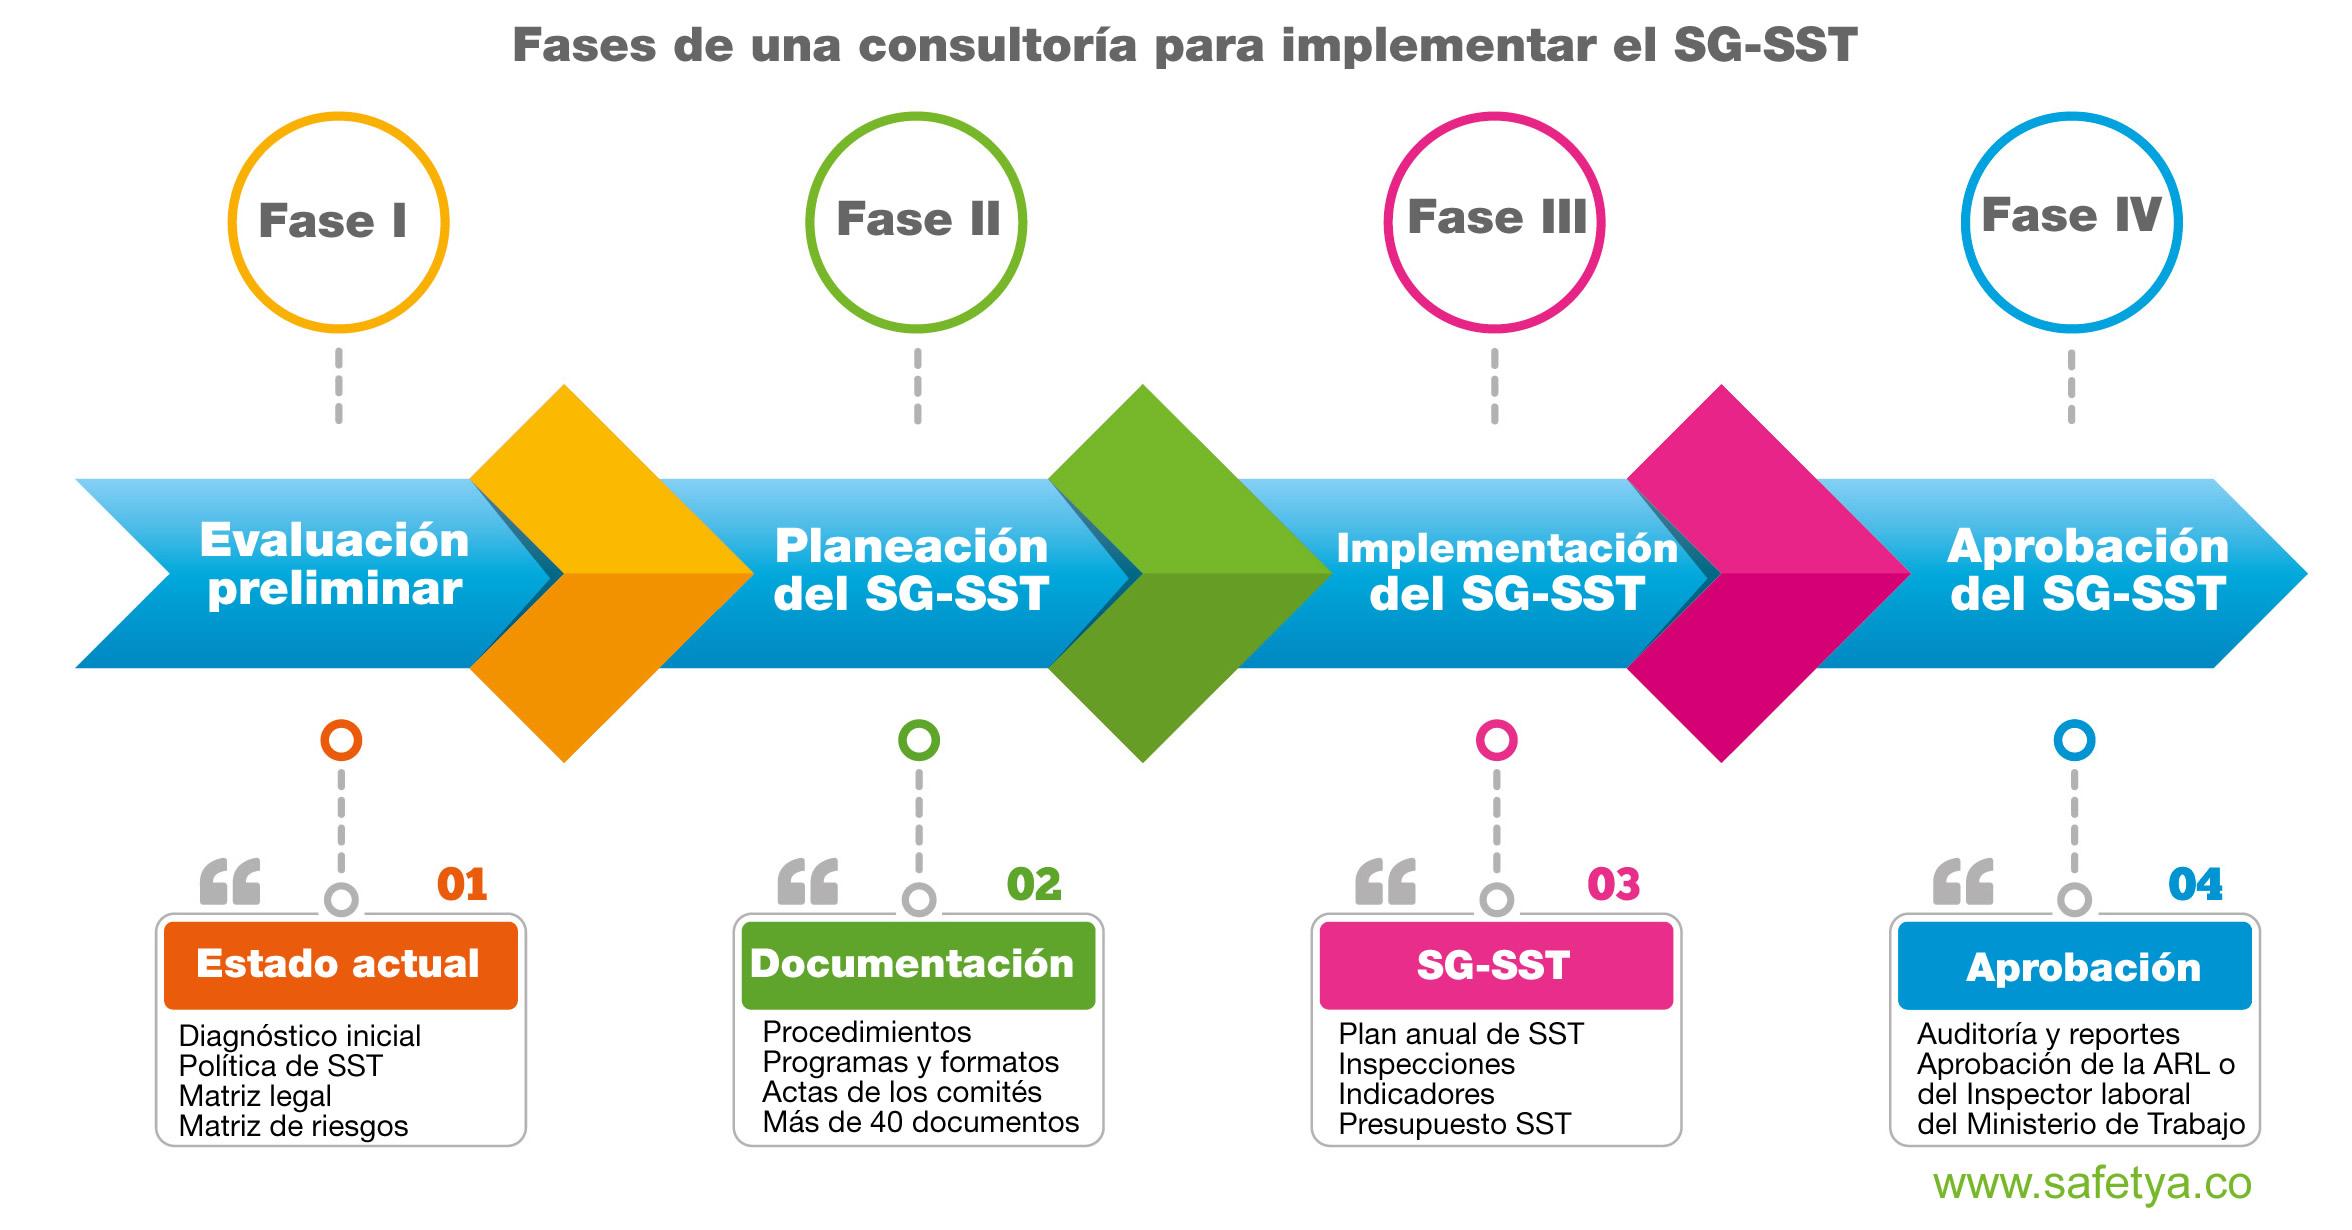 Fase de la consultoría para implementar el SG-SST